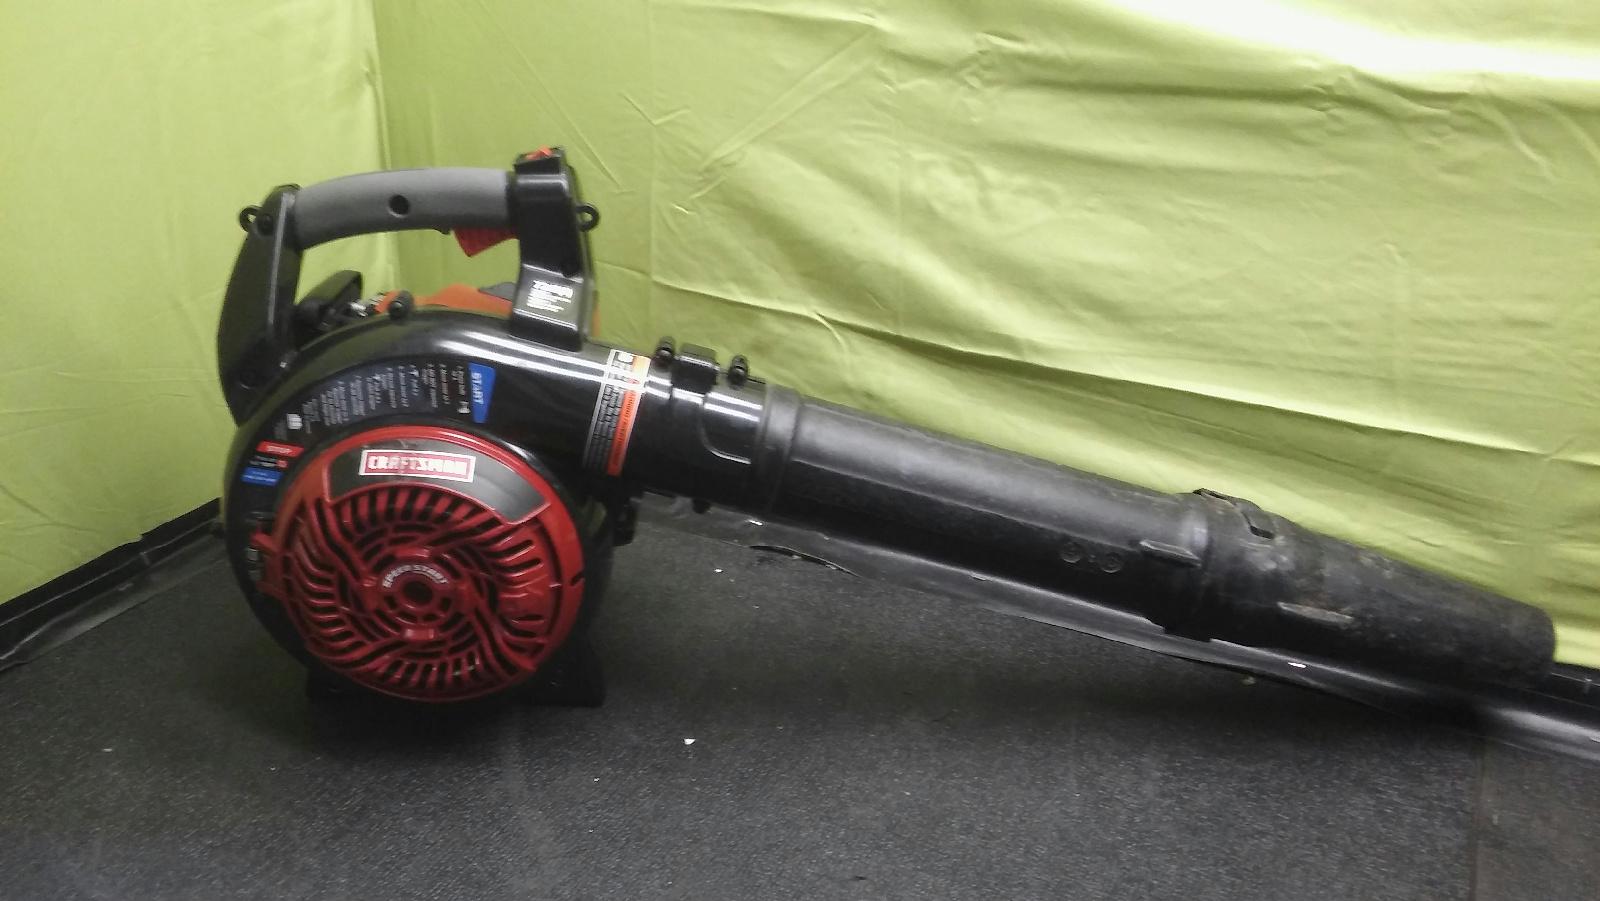 craftsman leaf blower 205 mph 25cc manual